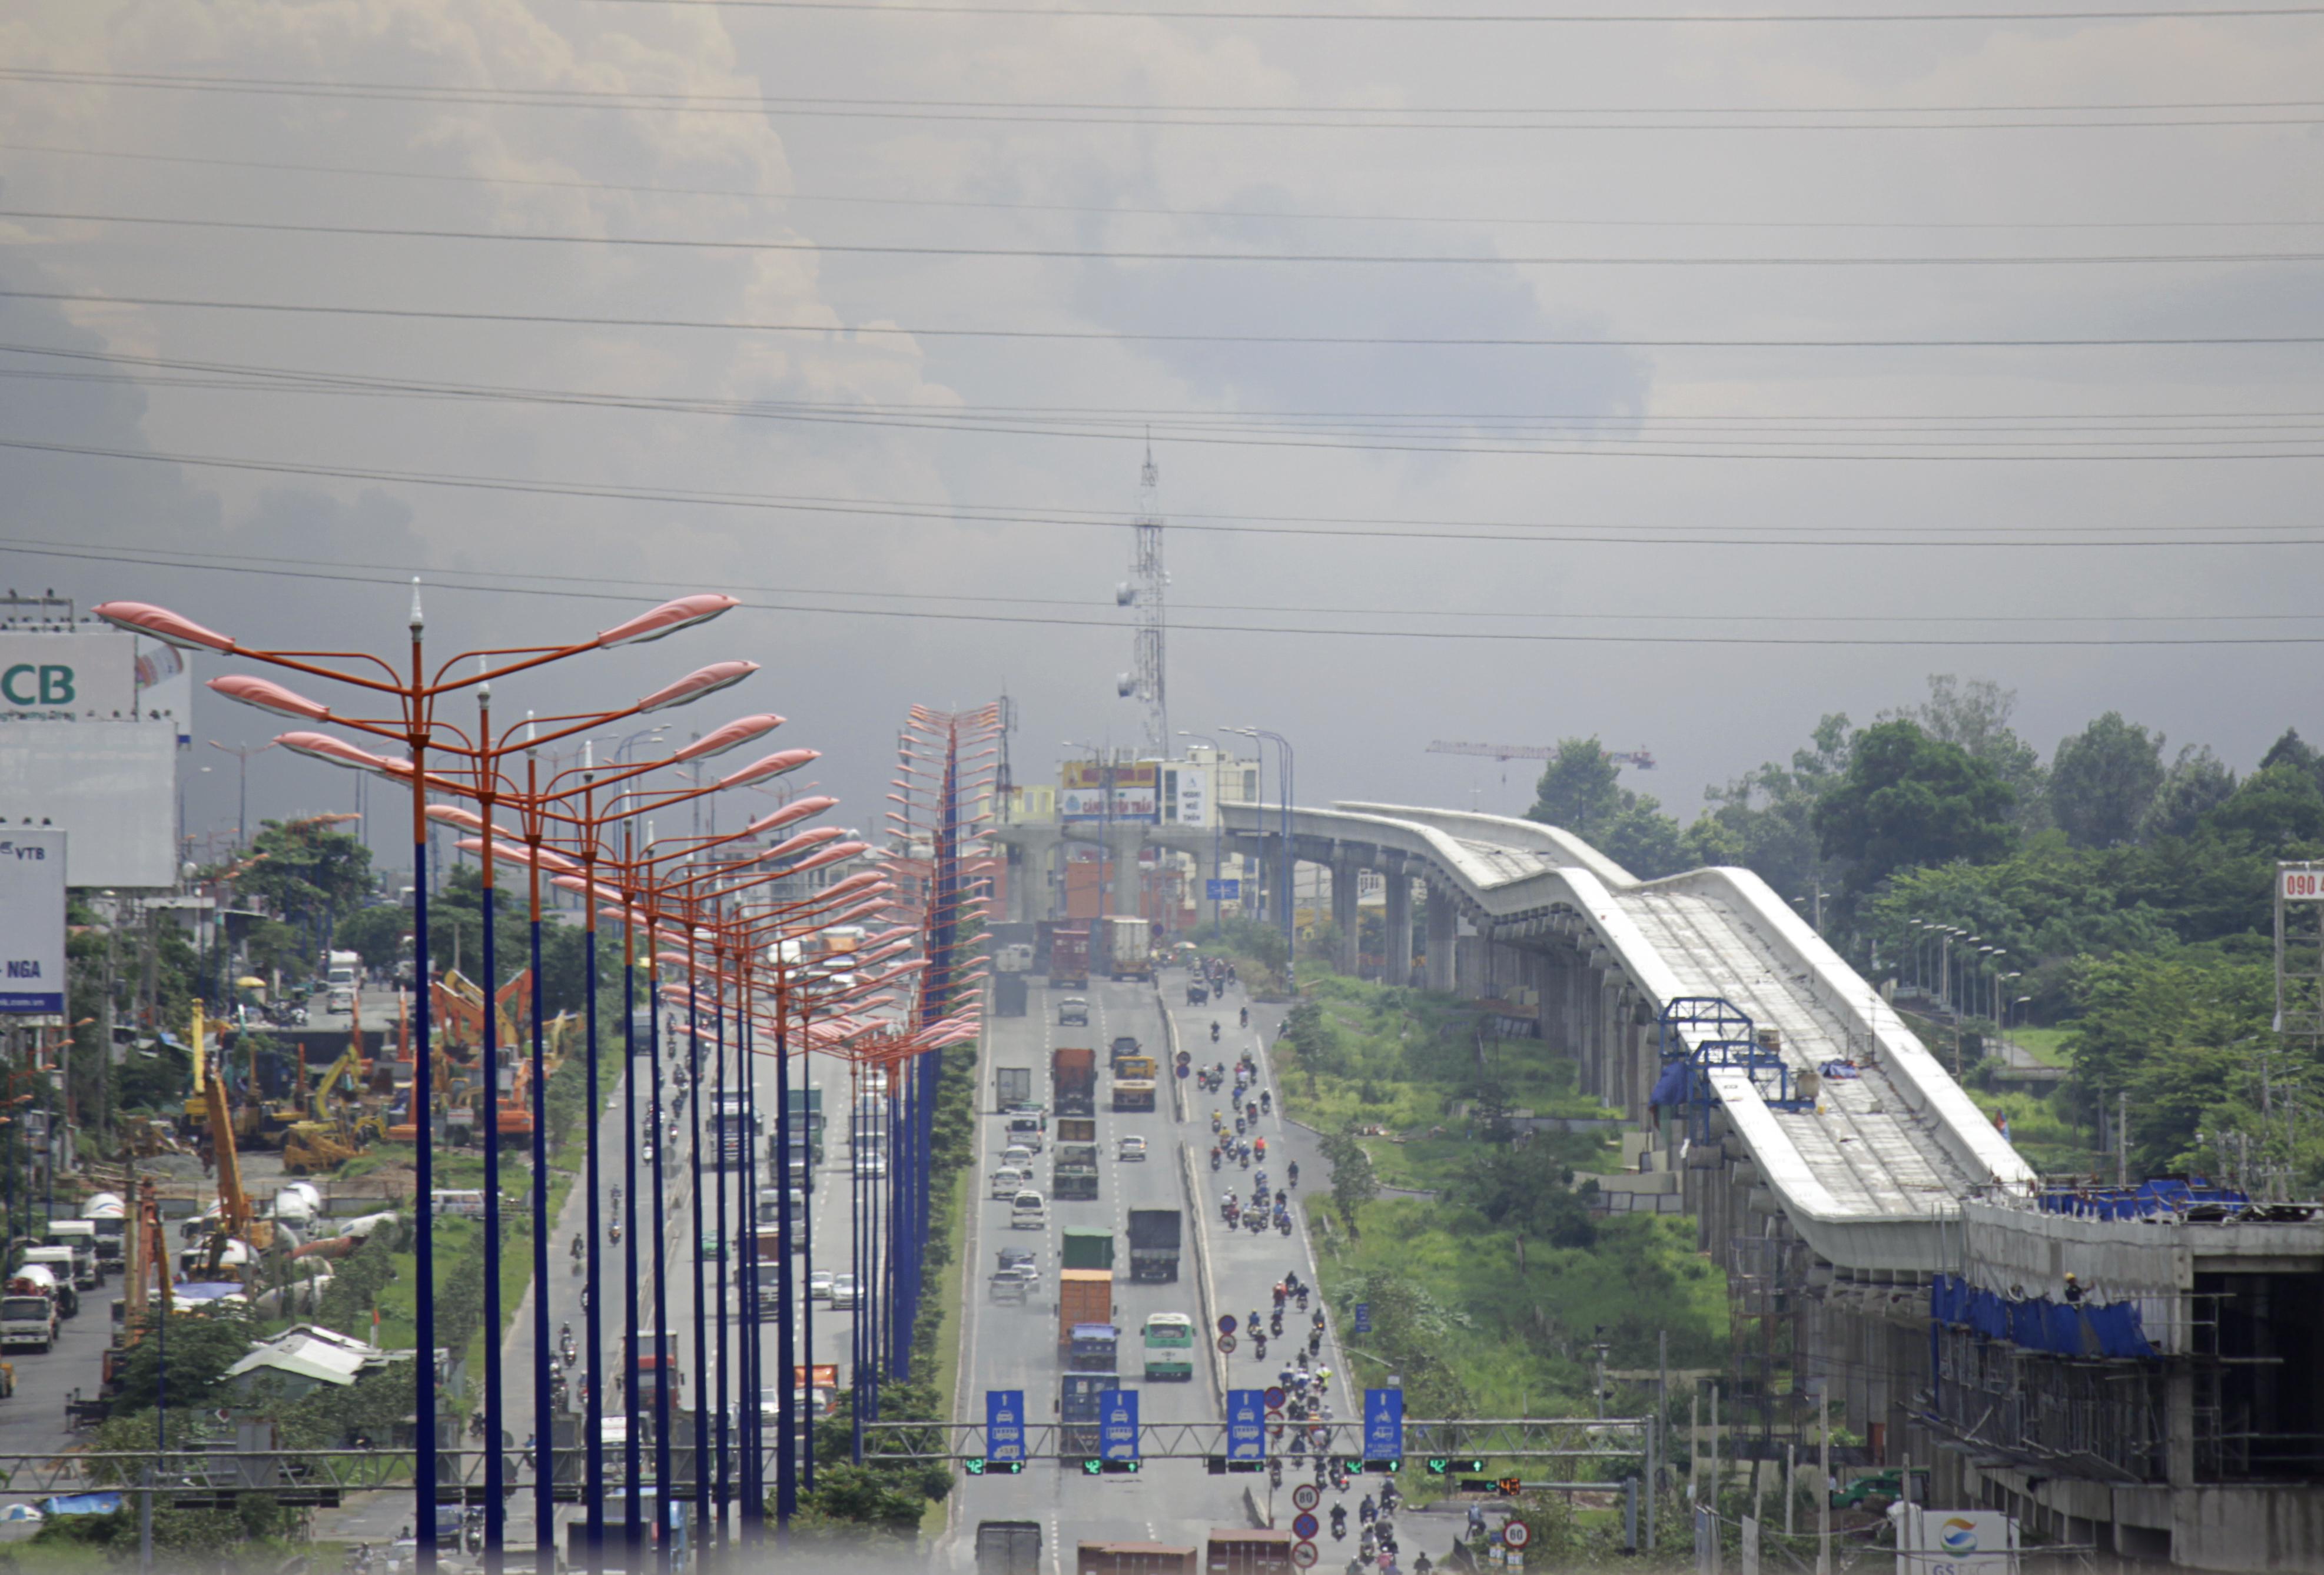 Hình ảnh tuyến metro nhấp nhô mềm mại như cơn sóng trên đoạn xa lộ Hà Nội đoạn ngã tư Thủ Đức. Dự án Metro Bến Thành - Suối Tiên được khởi công vào tháng 8/2012. Theo thiết kế, tuyến Metro đi qua các quận 1, 2, 9, Bình Thạnh, Thủ Đức (TP HCM) và huyện Dĩ An (Bình Dương).